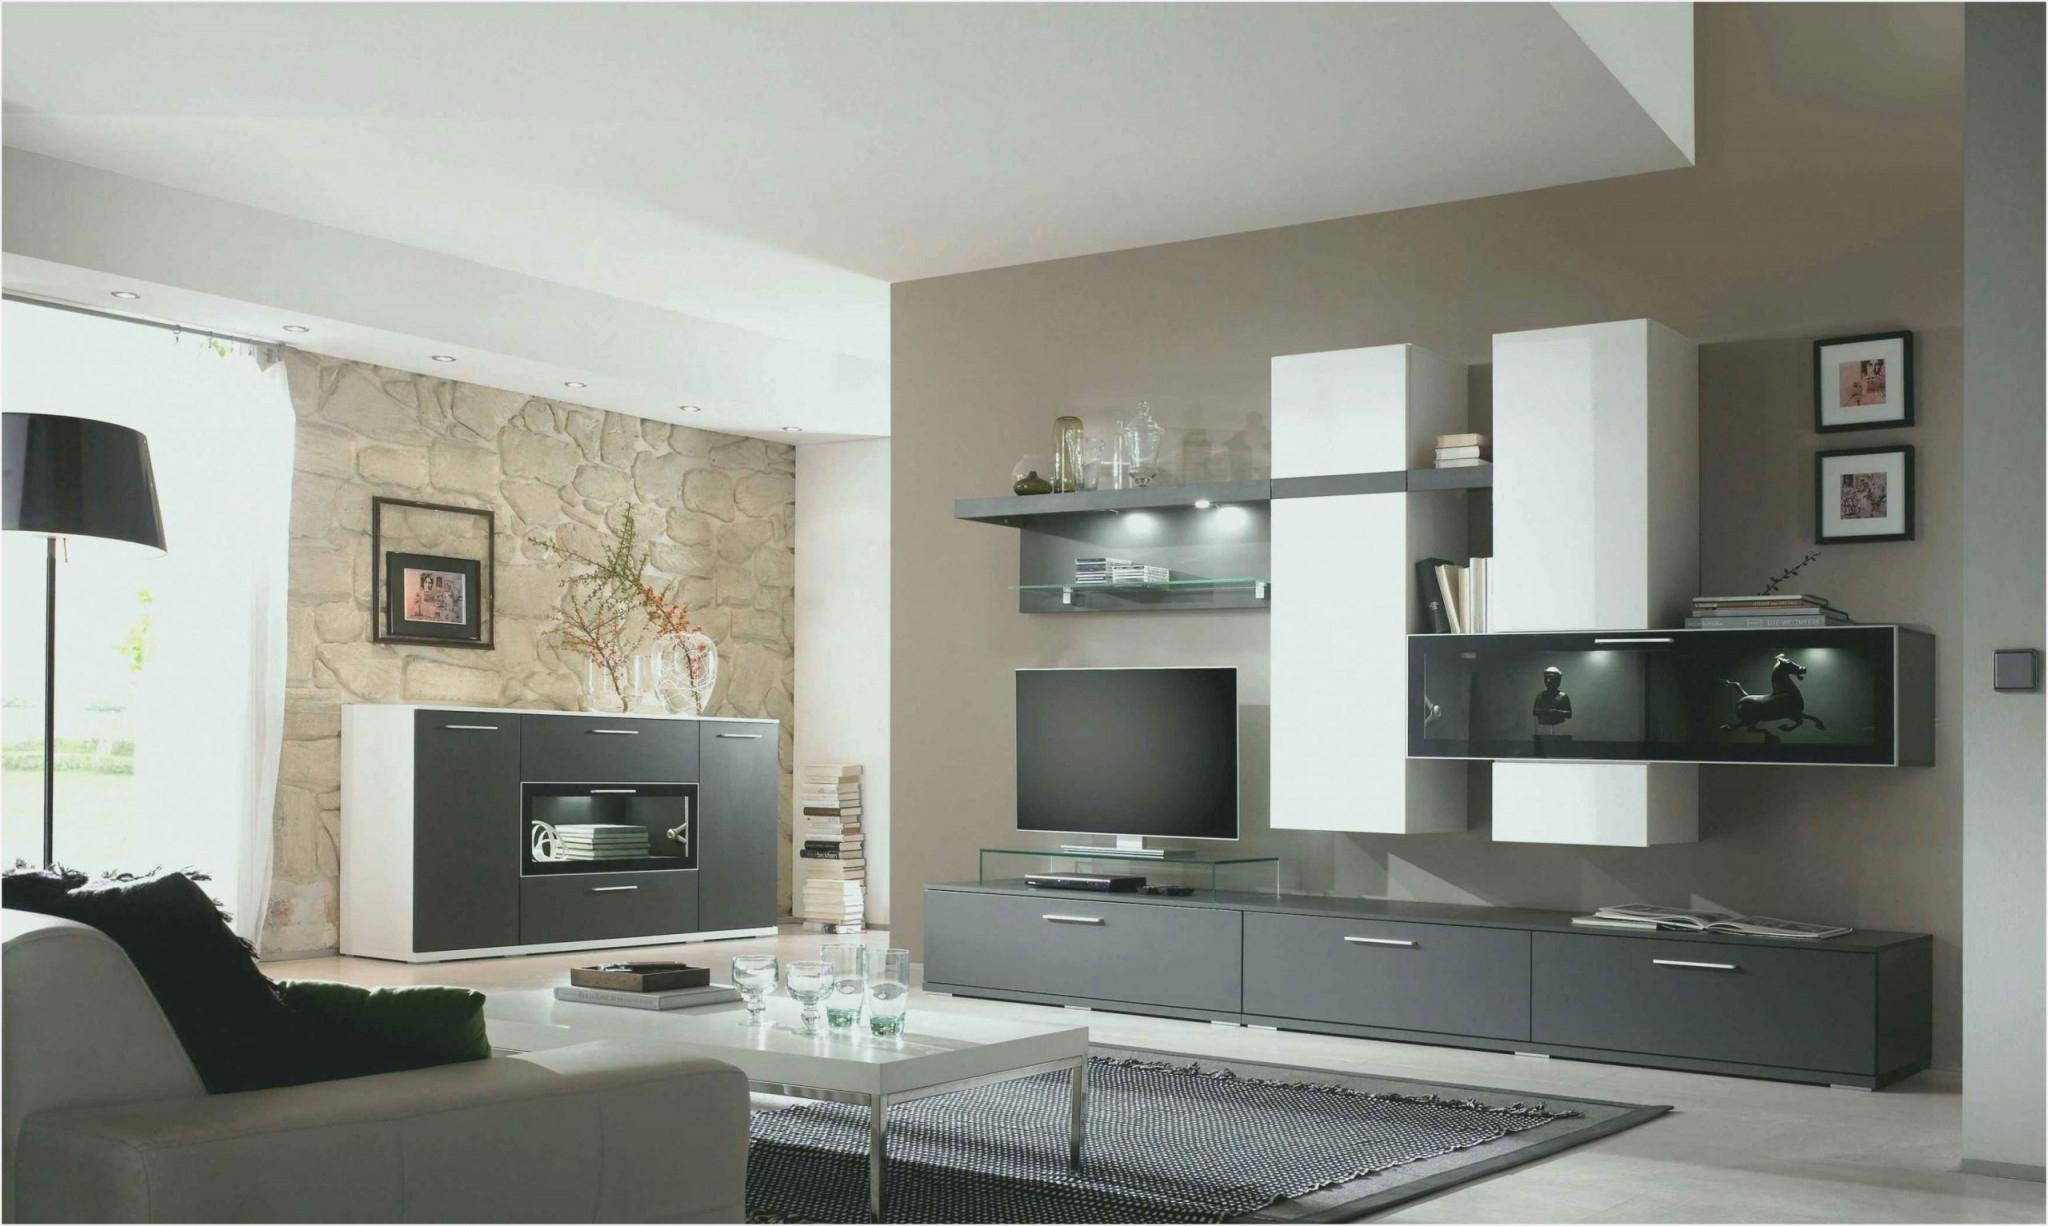 Wohnzimmer Ideen Gelb Grau – Caseconrad von Wohnzimmer Ideen Grau Bild